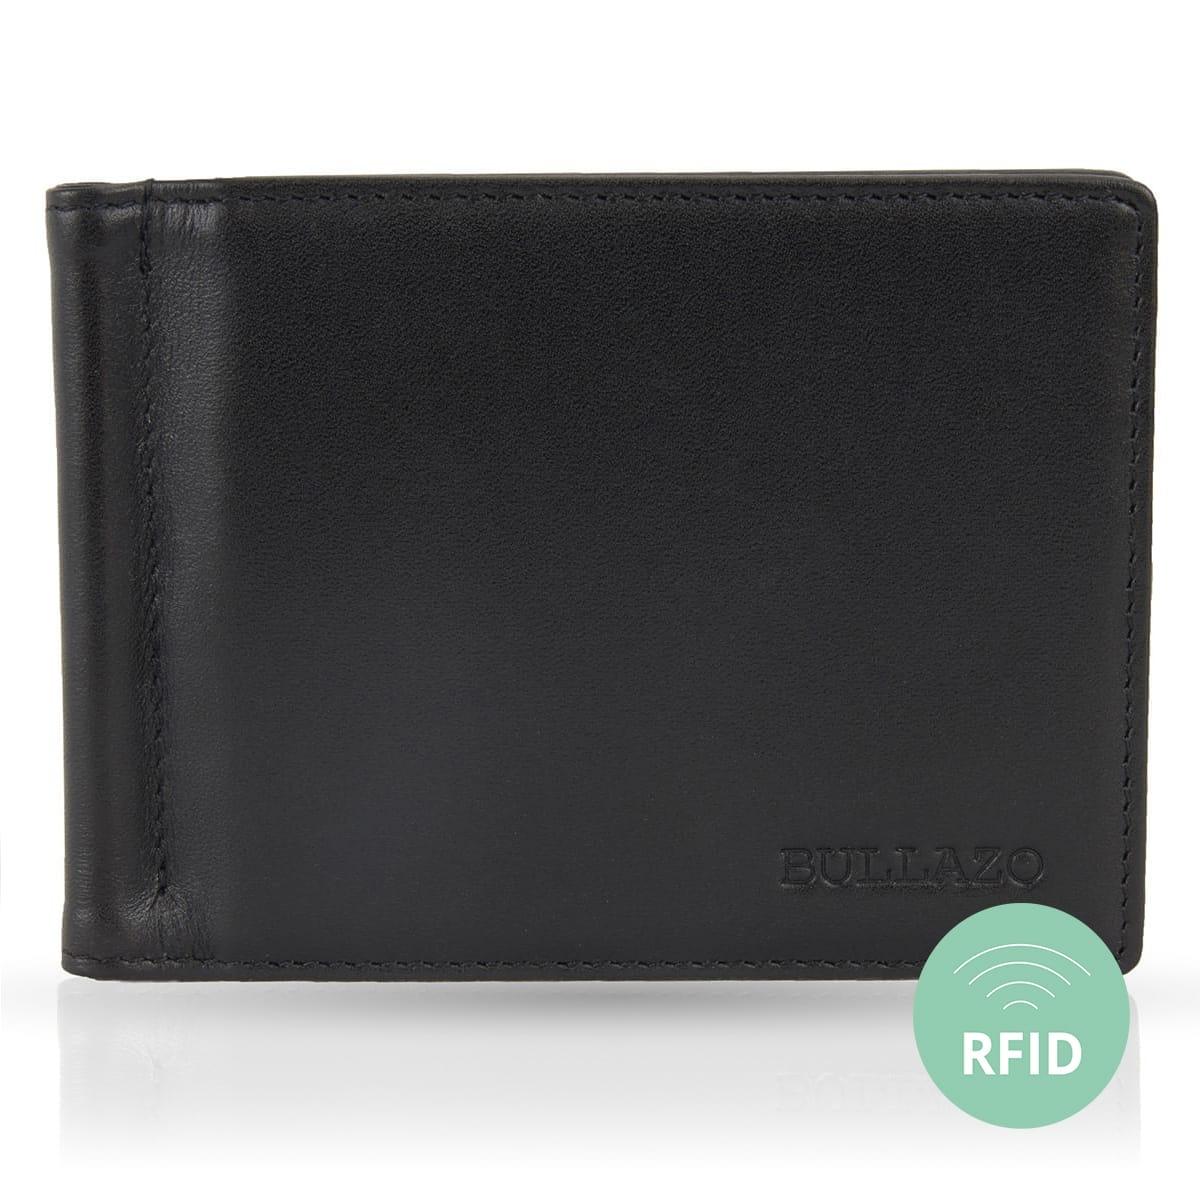 1c12029b39677 Herren Geldbörse mit Geldklammer und RFID Schutz - ohne Münzfach